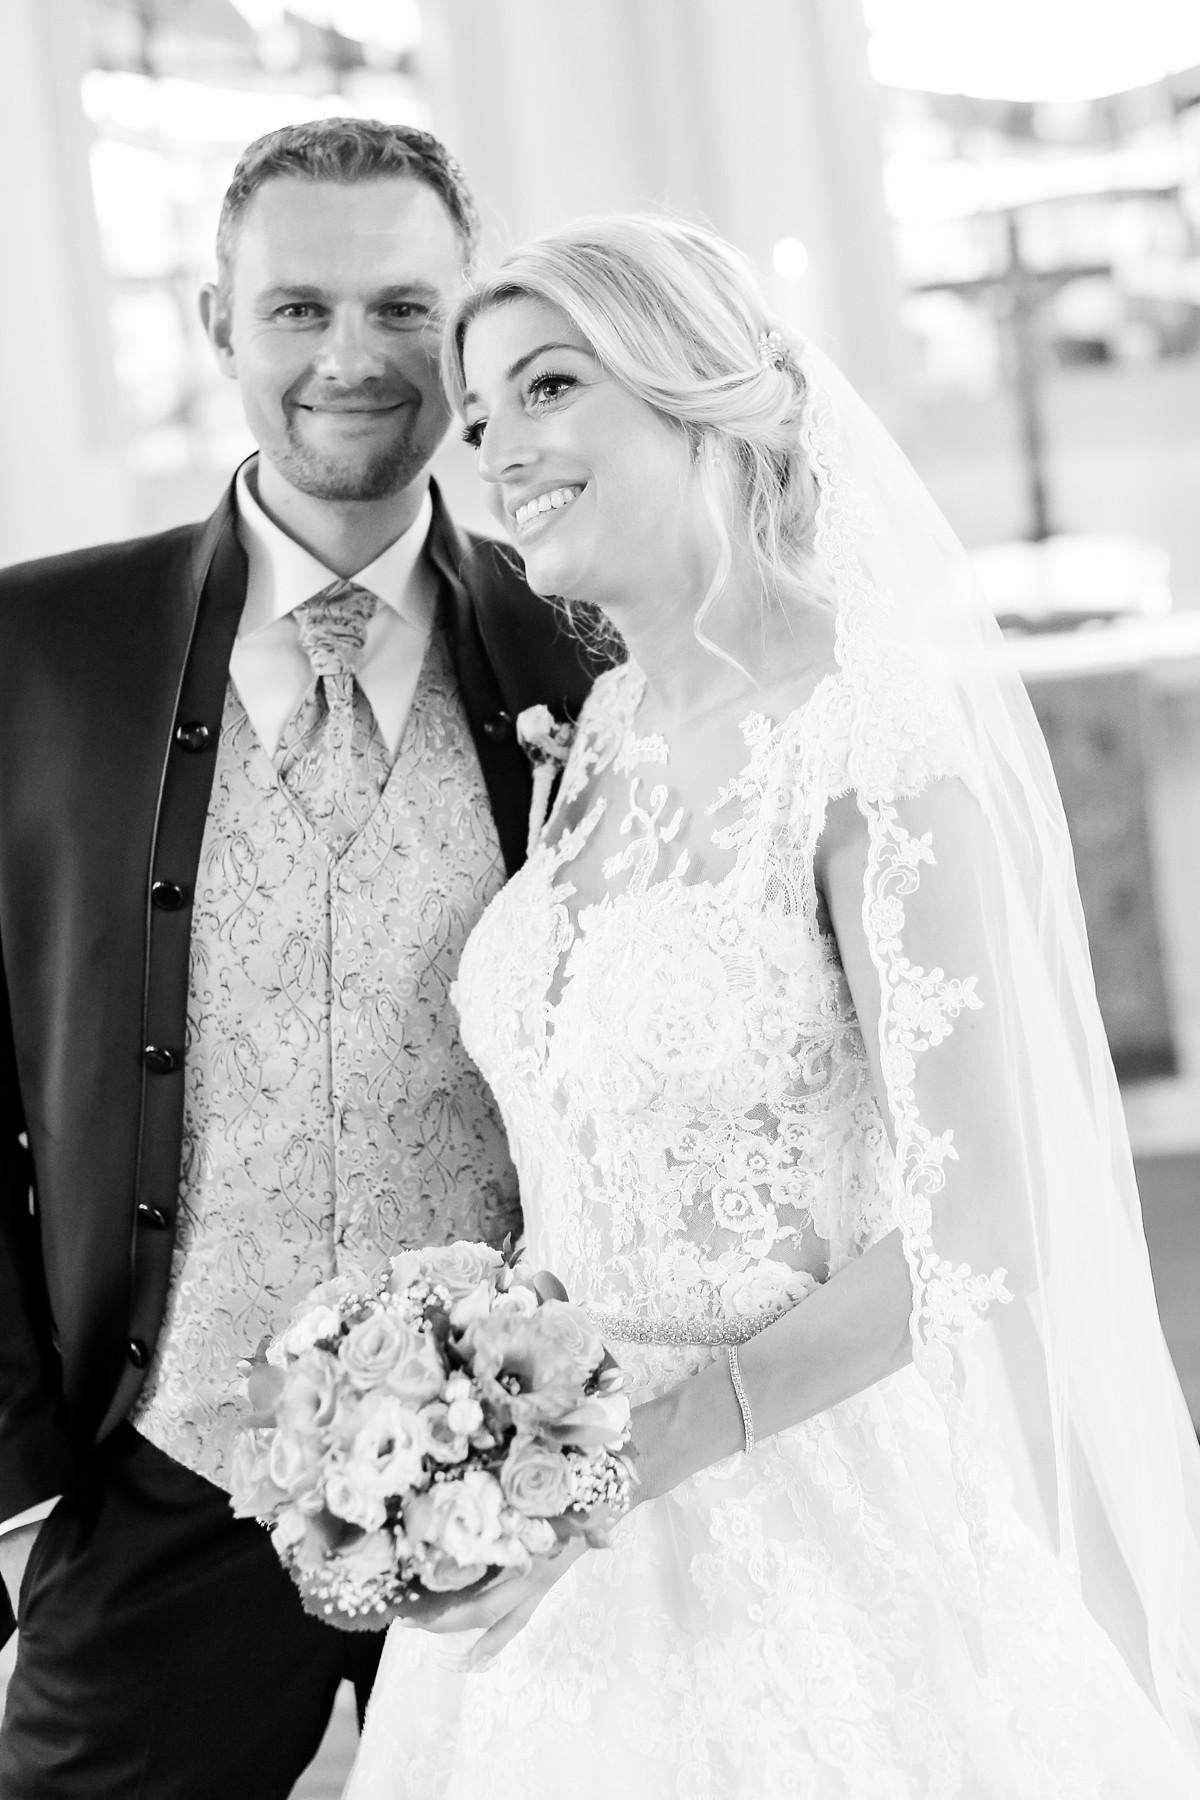 Hochzeitsfotograf-Herford-van-Laer-Fotograf-Hochzeit-Nrw_0060